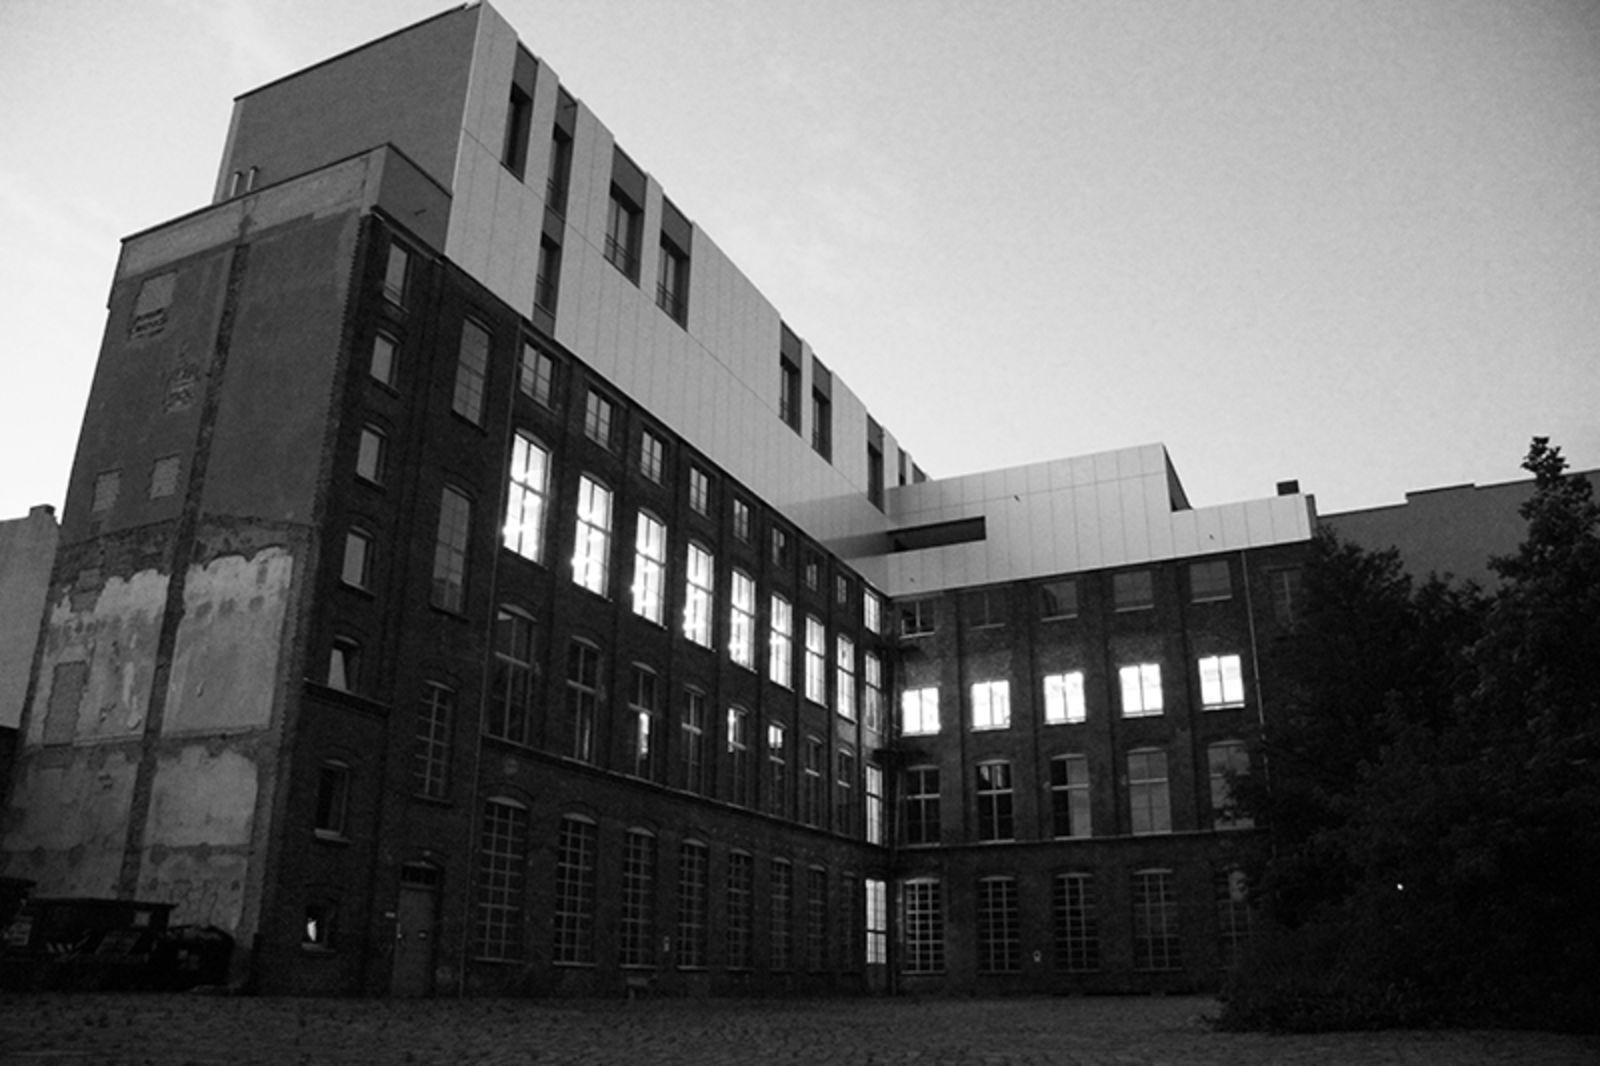 Darklands in Berlin (Bild 1)